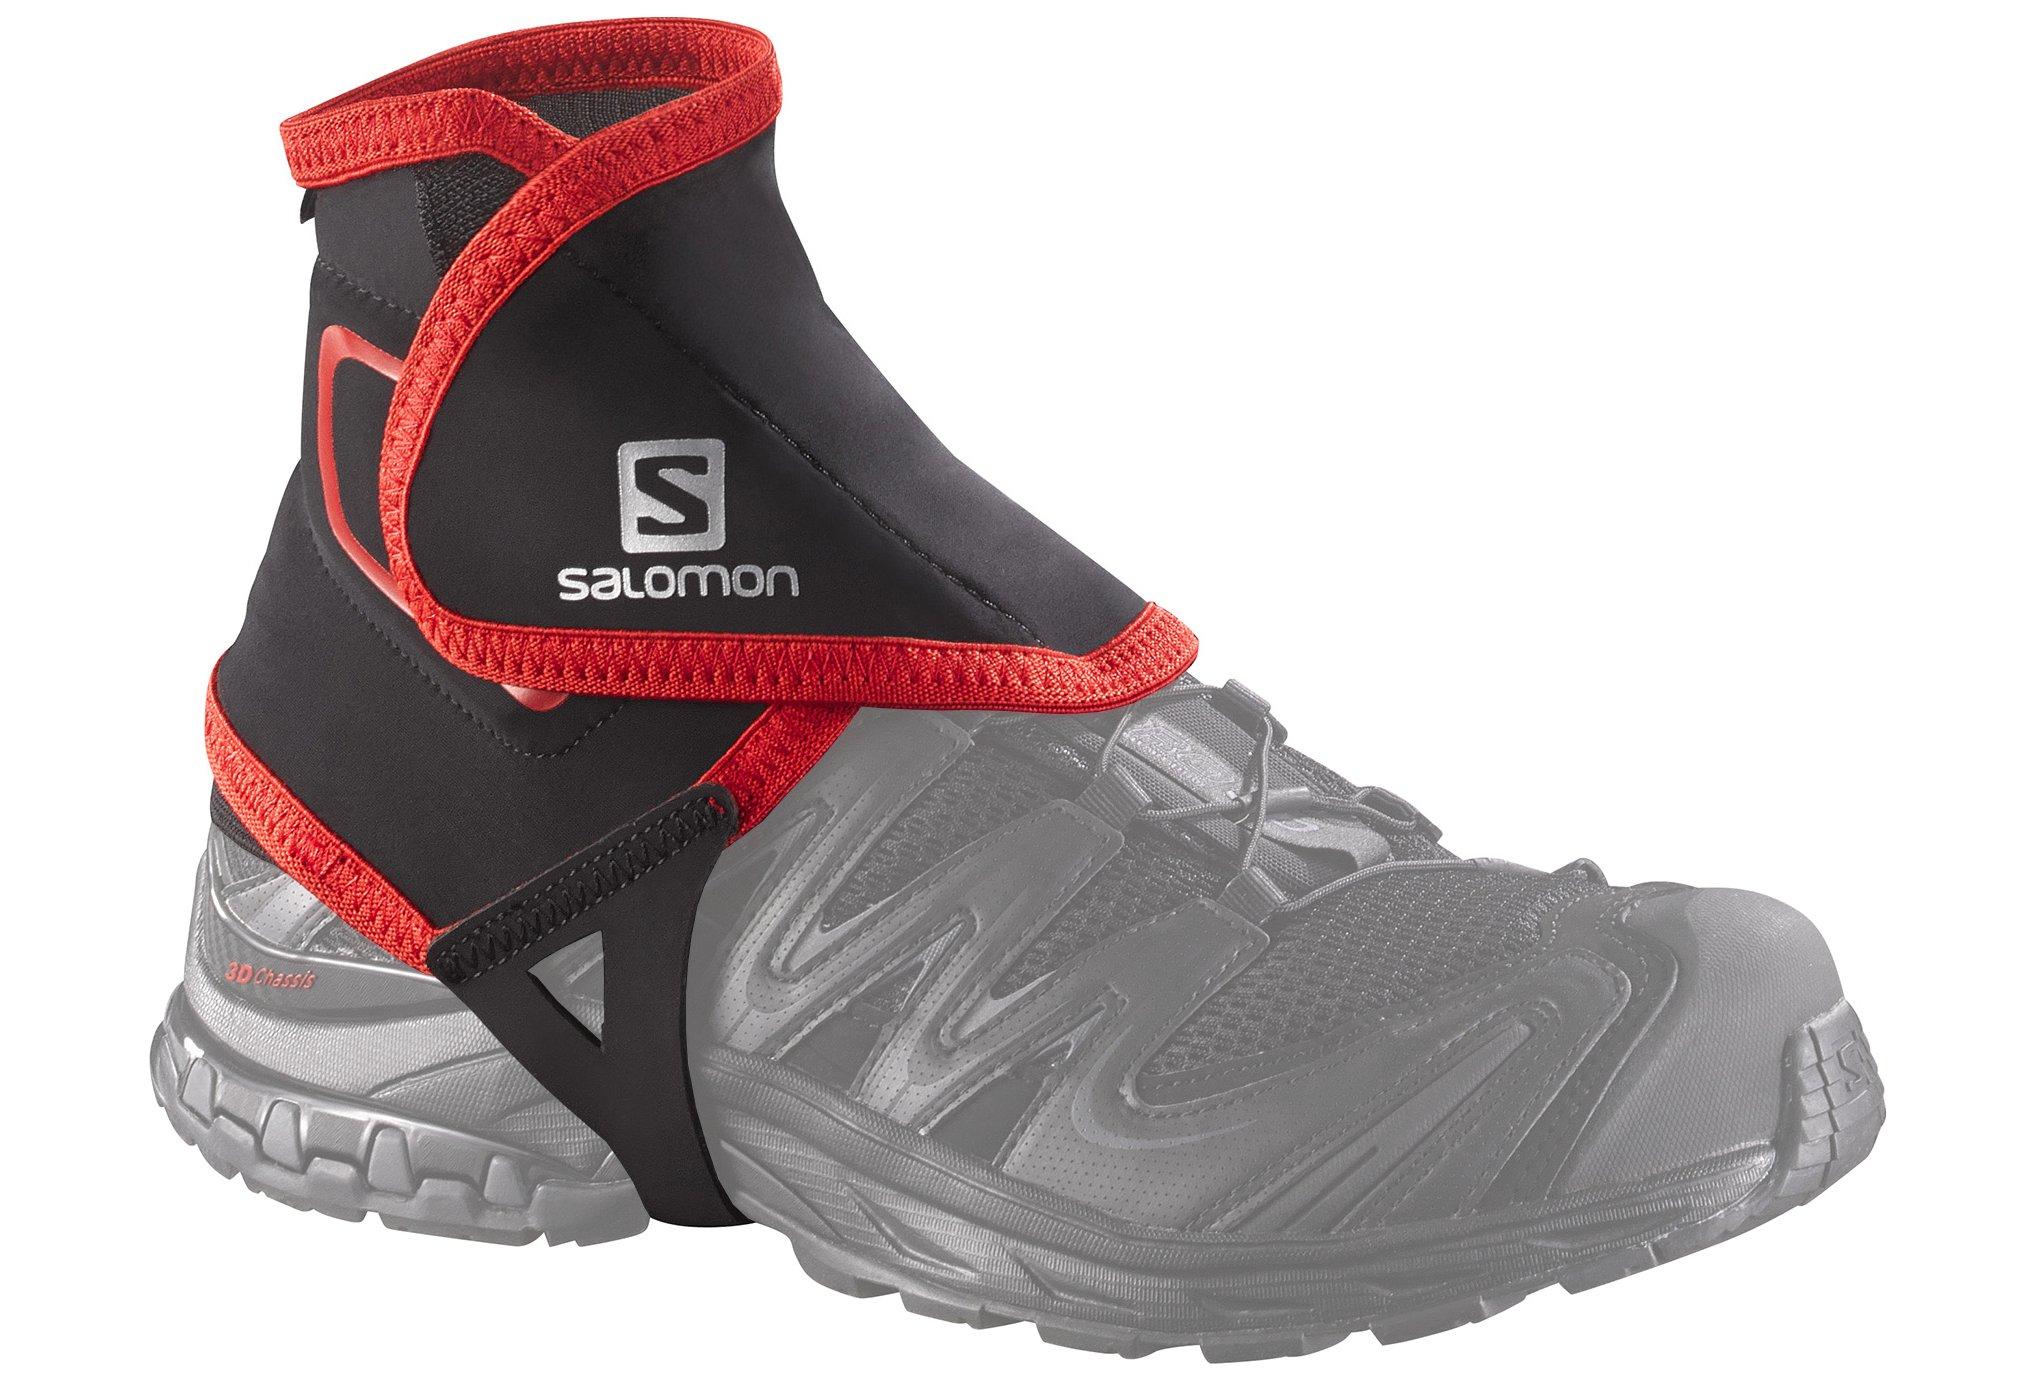 Salomon Guêtres Trail Gaiters High Lacets / guêtres / semelles